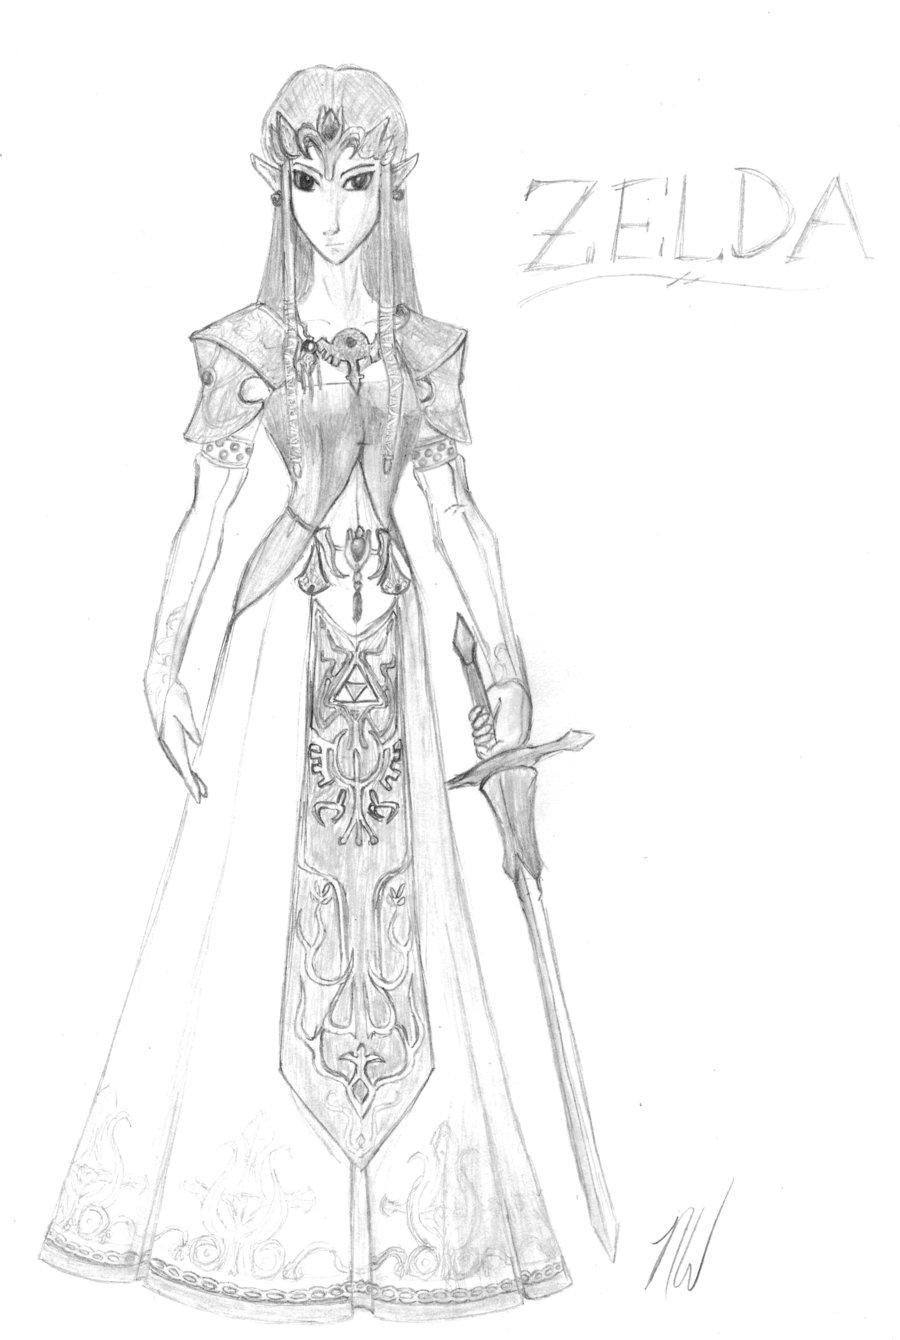 Drawn princess zelda twilight princess Zelda by Princess by Zelda